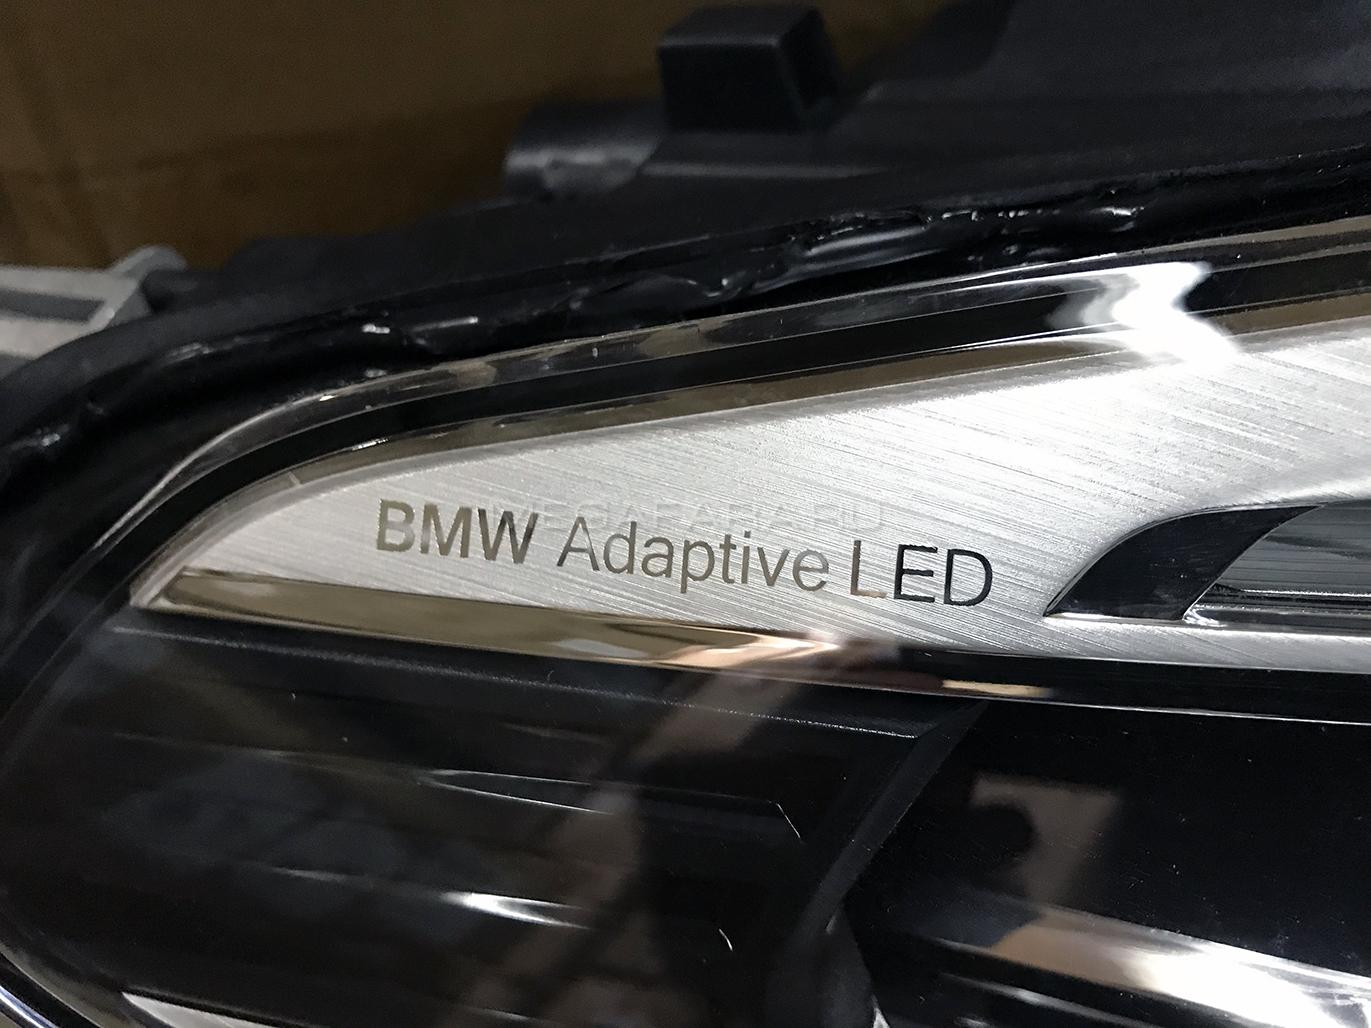 Передние фары БМВ 5 серии Icon Light G30/G31 2017-2019 V2 type [Комплект Л+П; Полностью светодиодные]